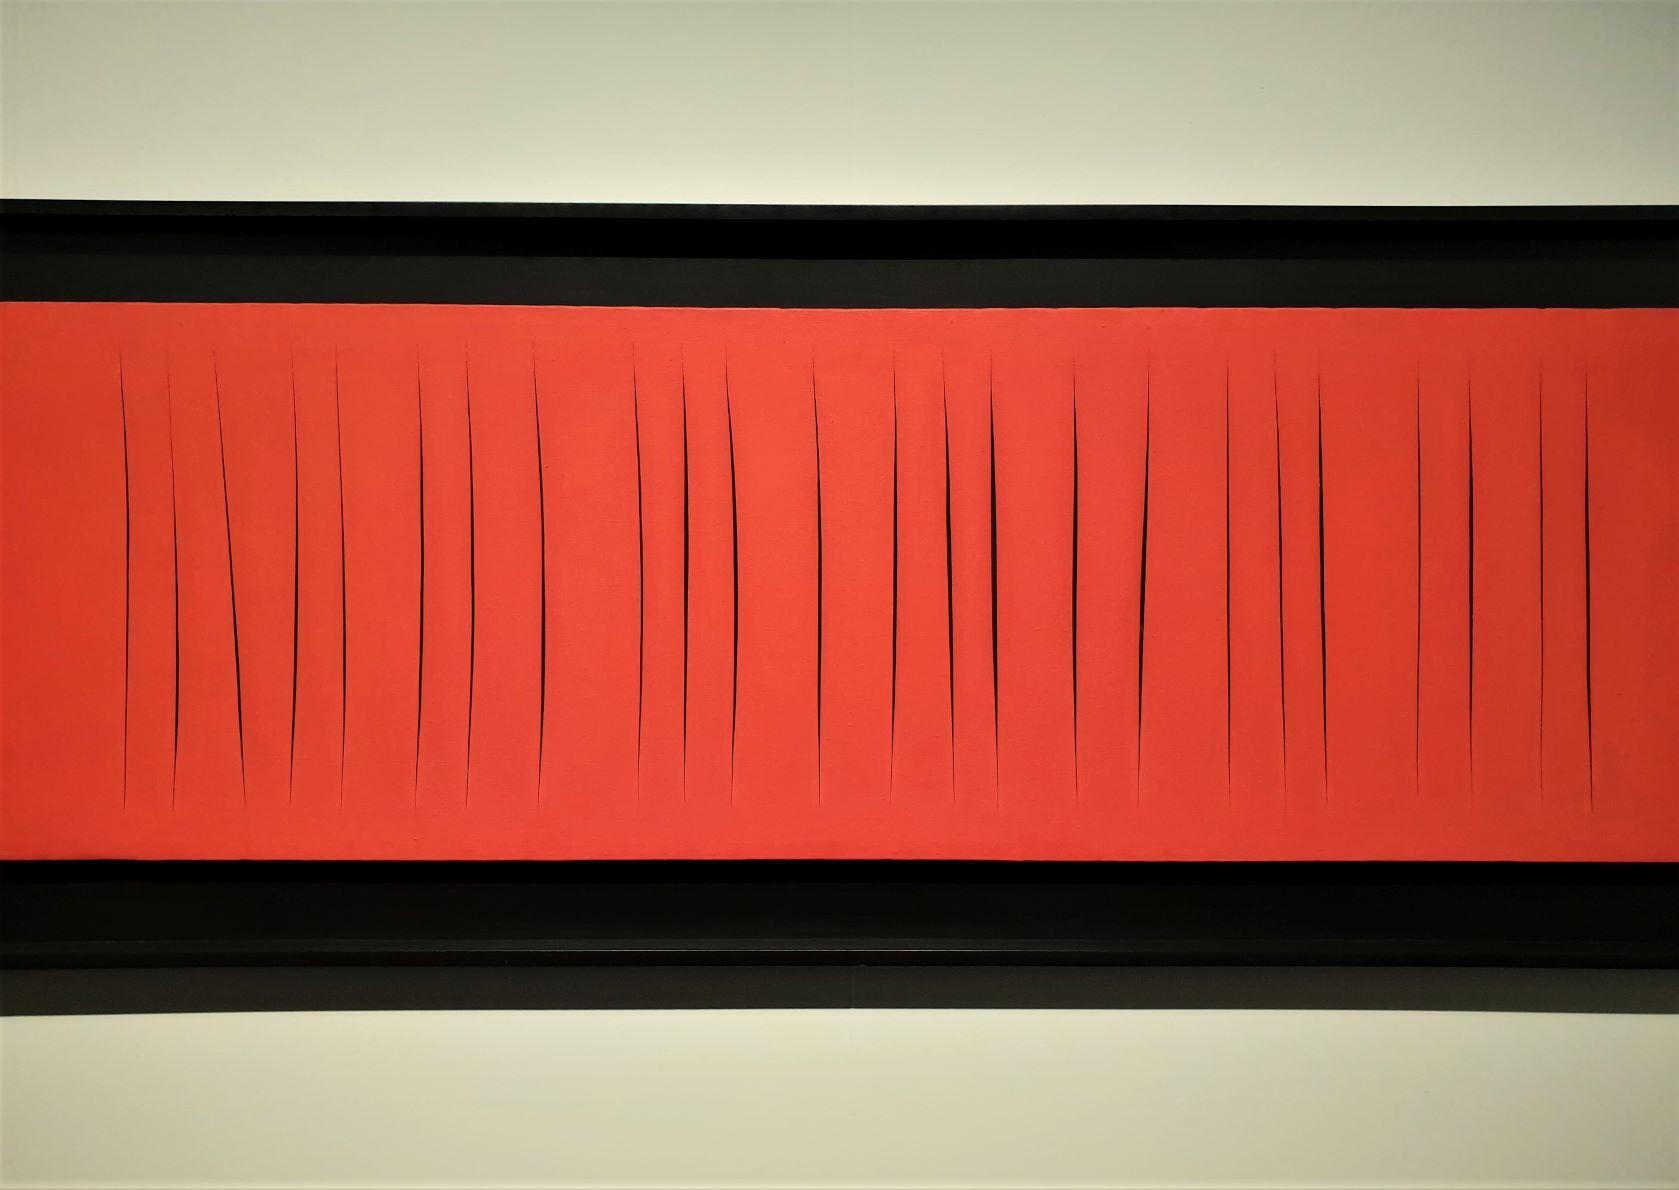 IL PENSIERO. Lo spettacolo straordinario di Art Basel, sogno irraggiungibile per un comune mortale